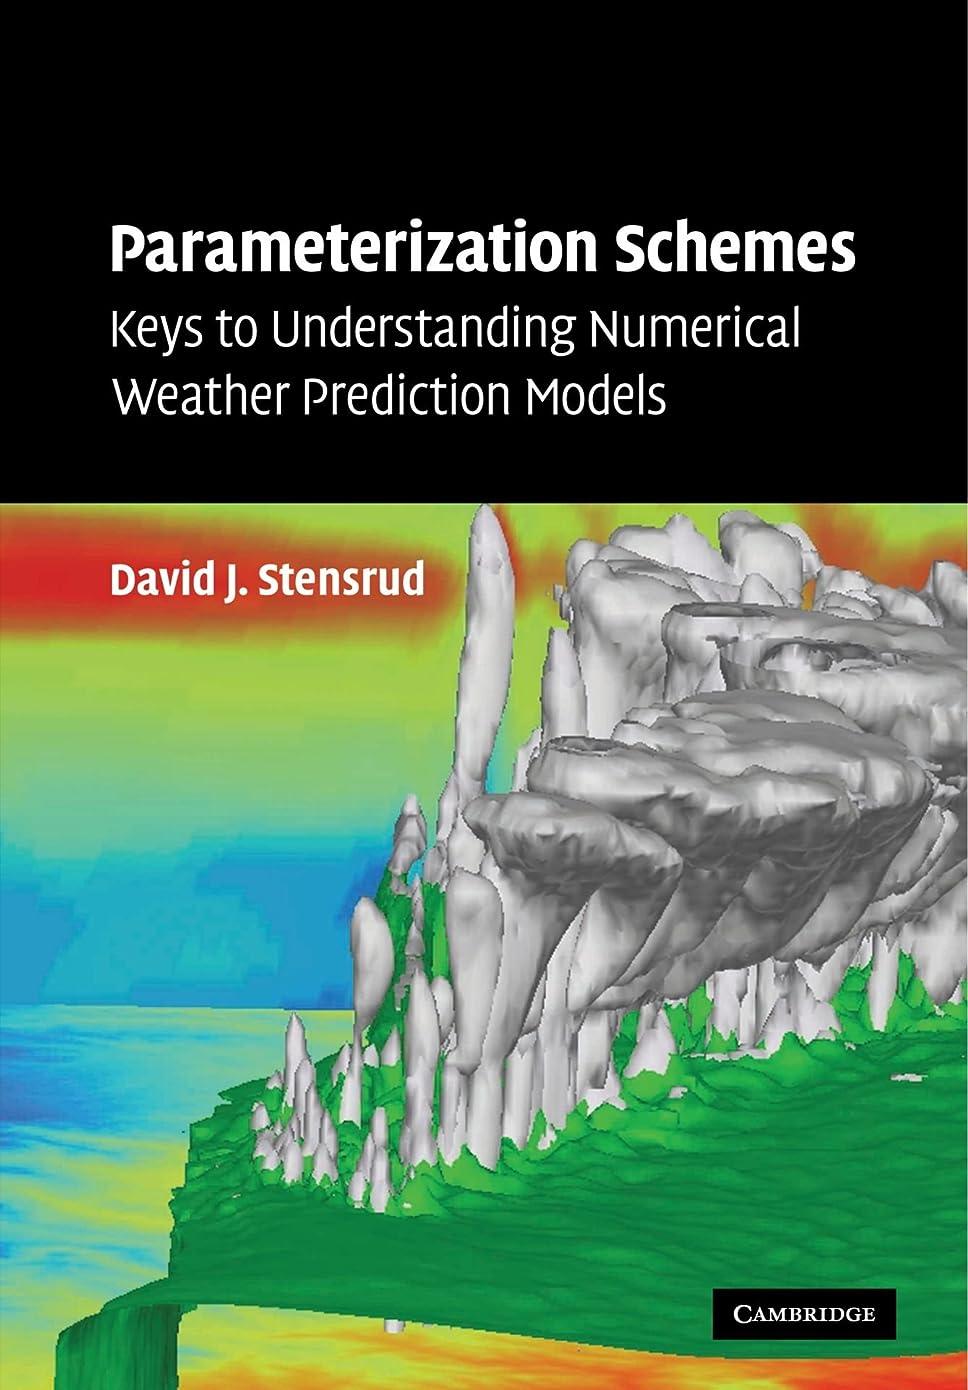 経済的コンピューターを使用する郵便番号Parameterization Schemes: Keys to Understanding Numerical Weather Prediction Models